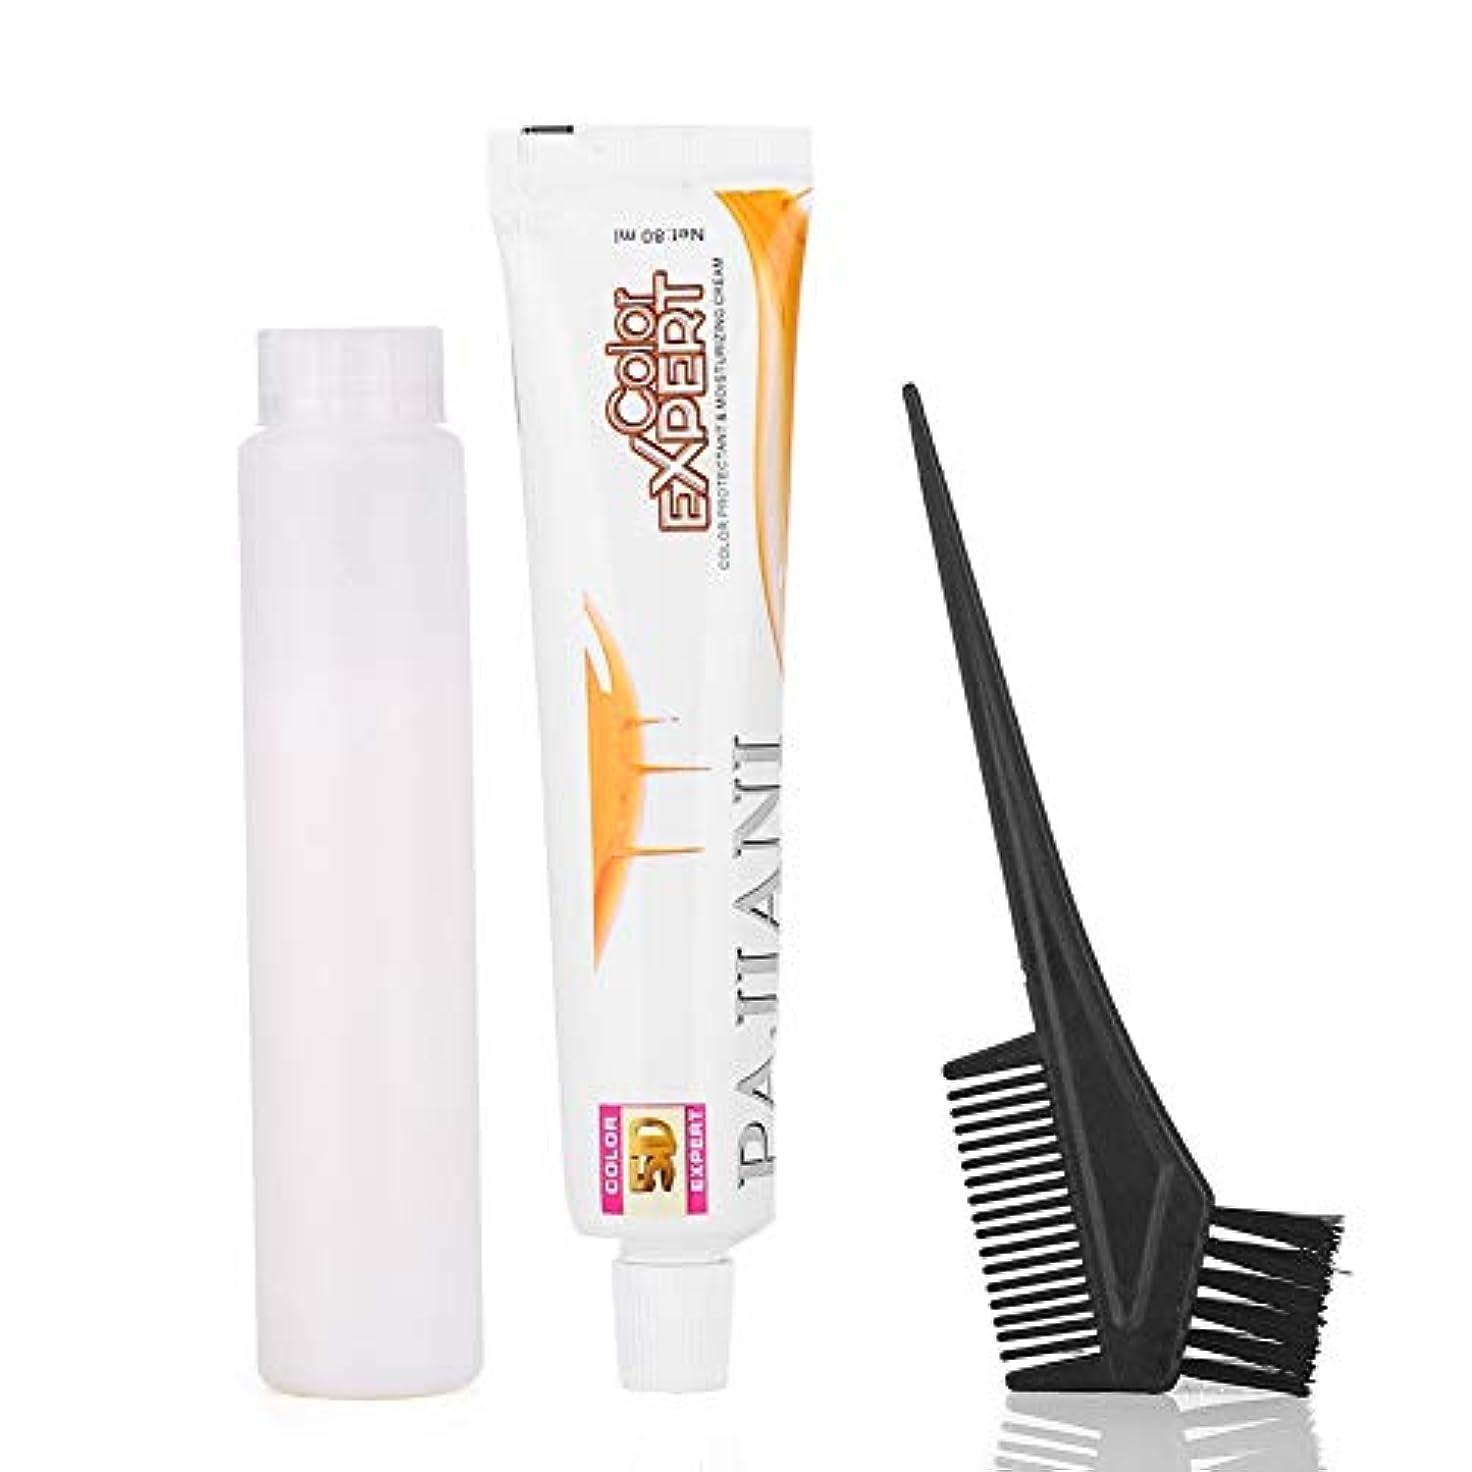 どんよりした気取らないこのヘアホワイトニングクリーム、ヘアブリーチングパウダー80ml /個ヘアホワイトニングクリームヘアダイクリームブリーチング理髪ツール